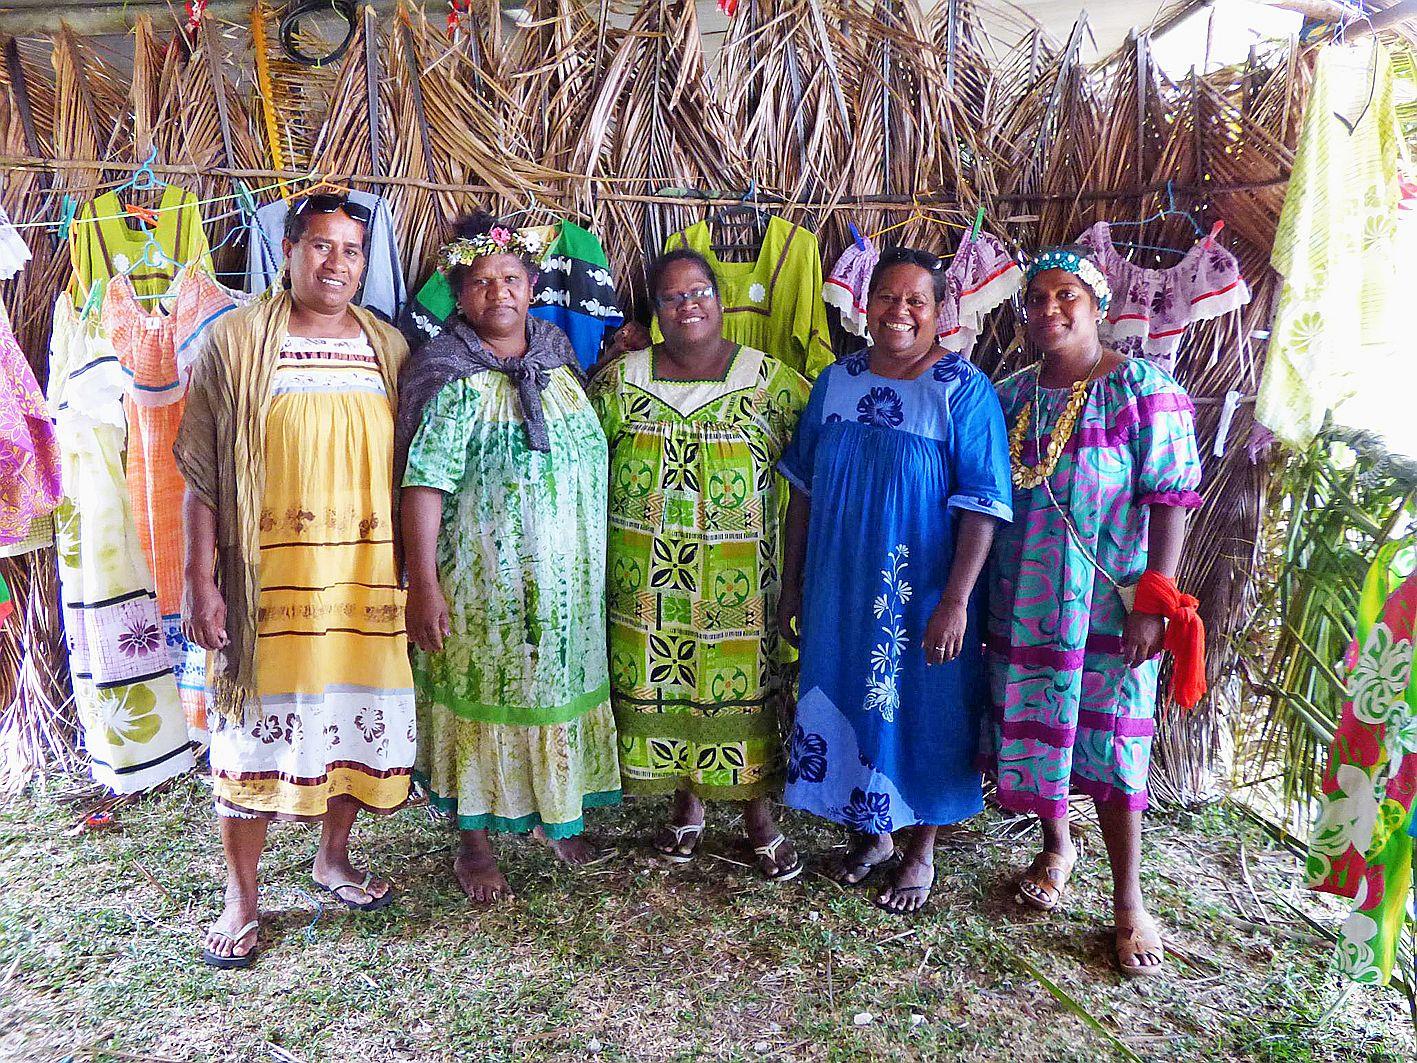 L'association Hnimiwedr Ne Xodre, composée d'une trentaine de femmes de la tribu, confectionne et tresse, depuis des générations, les nattes en pandanus destinées aux offrandes coutumières.Les couturières regroupées sous l'égide de la fédération des Coutu